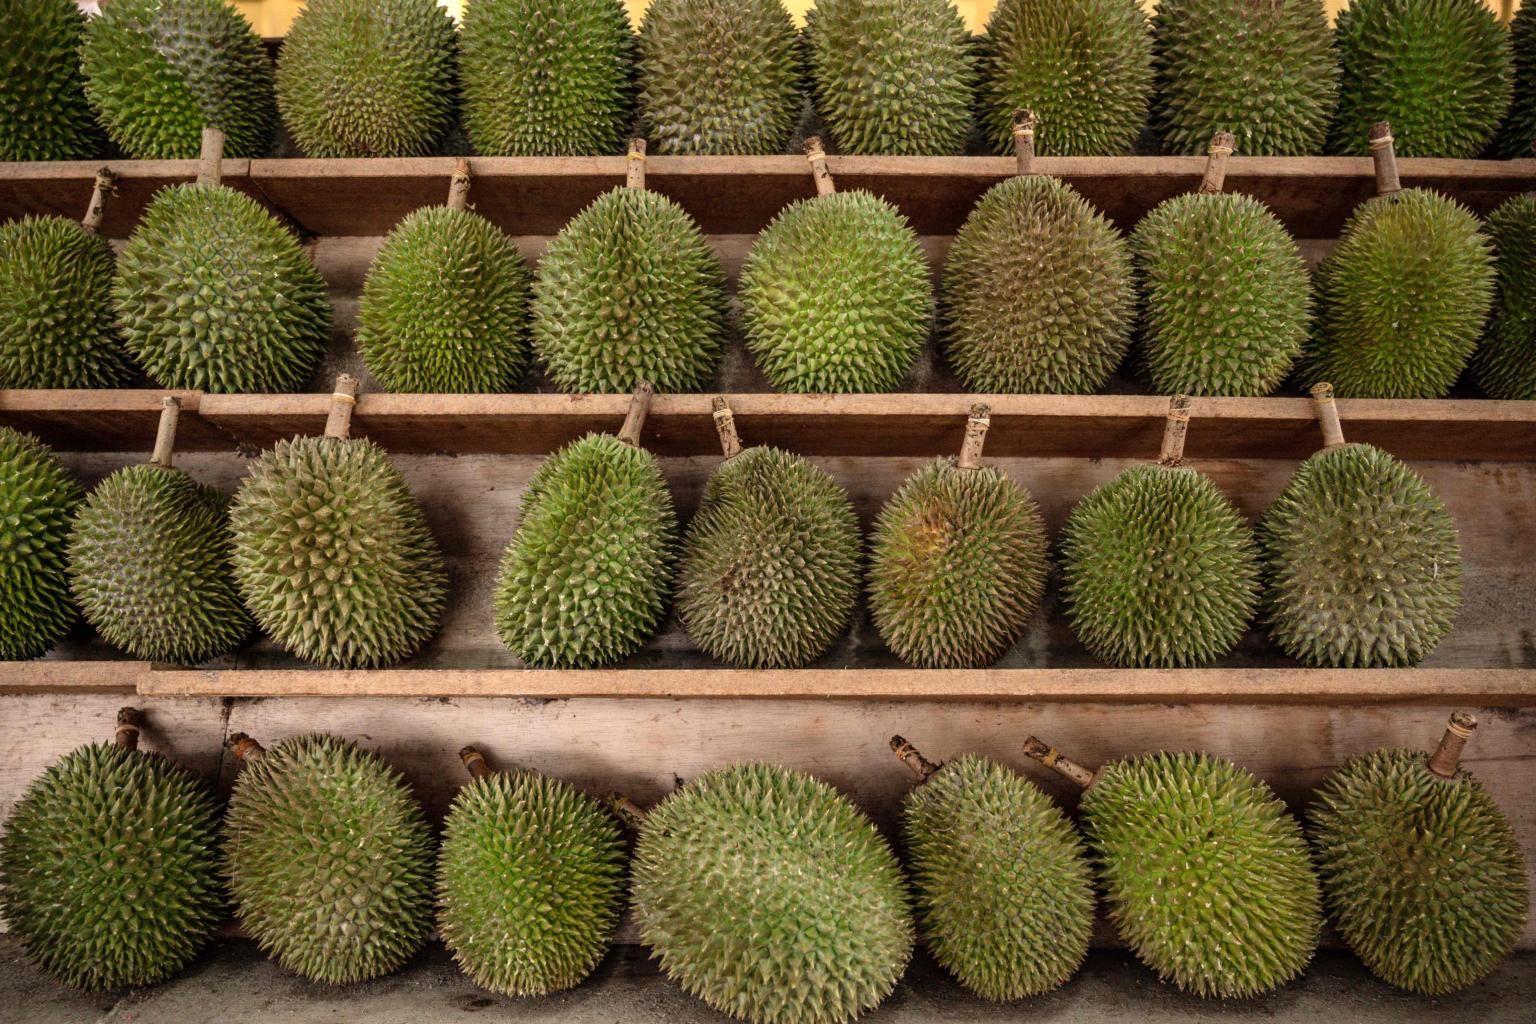 ramai tak puas hati tonton video masak durian sekali dengan kulitnya